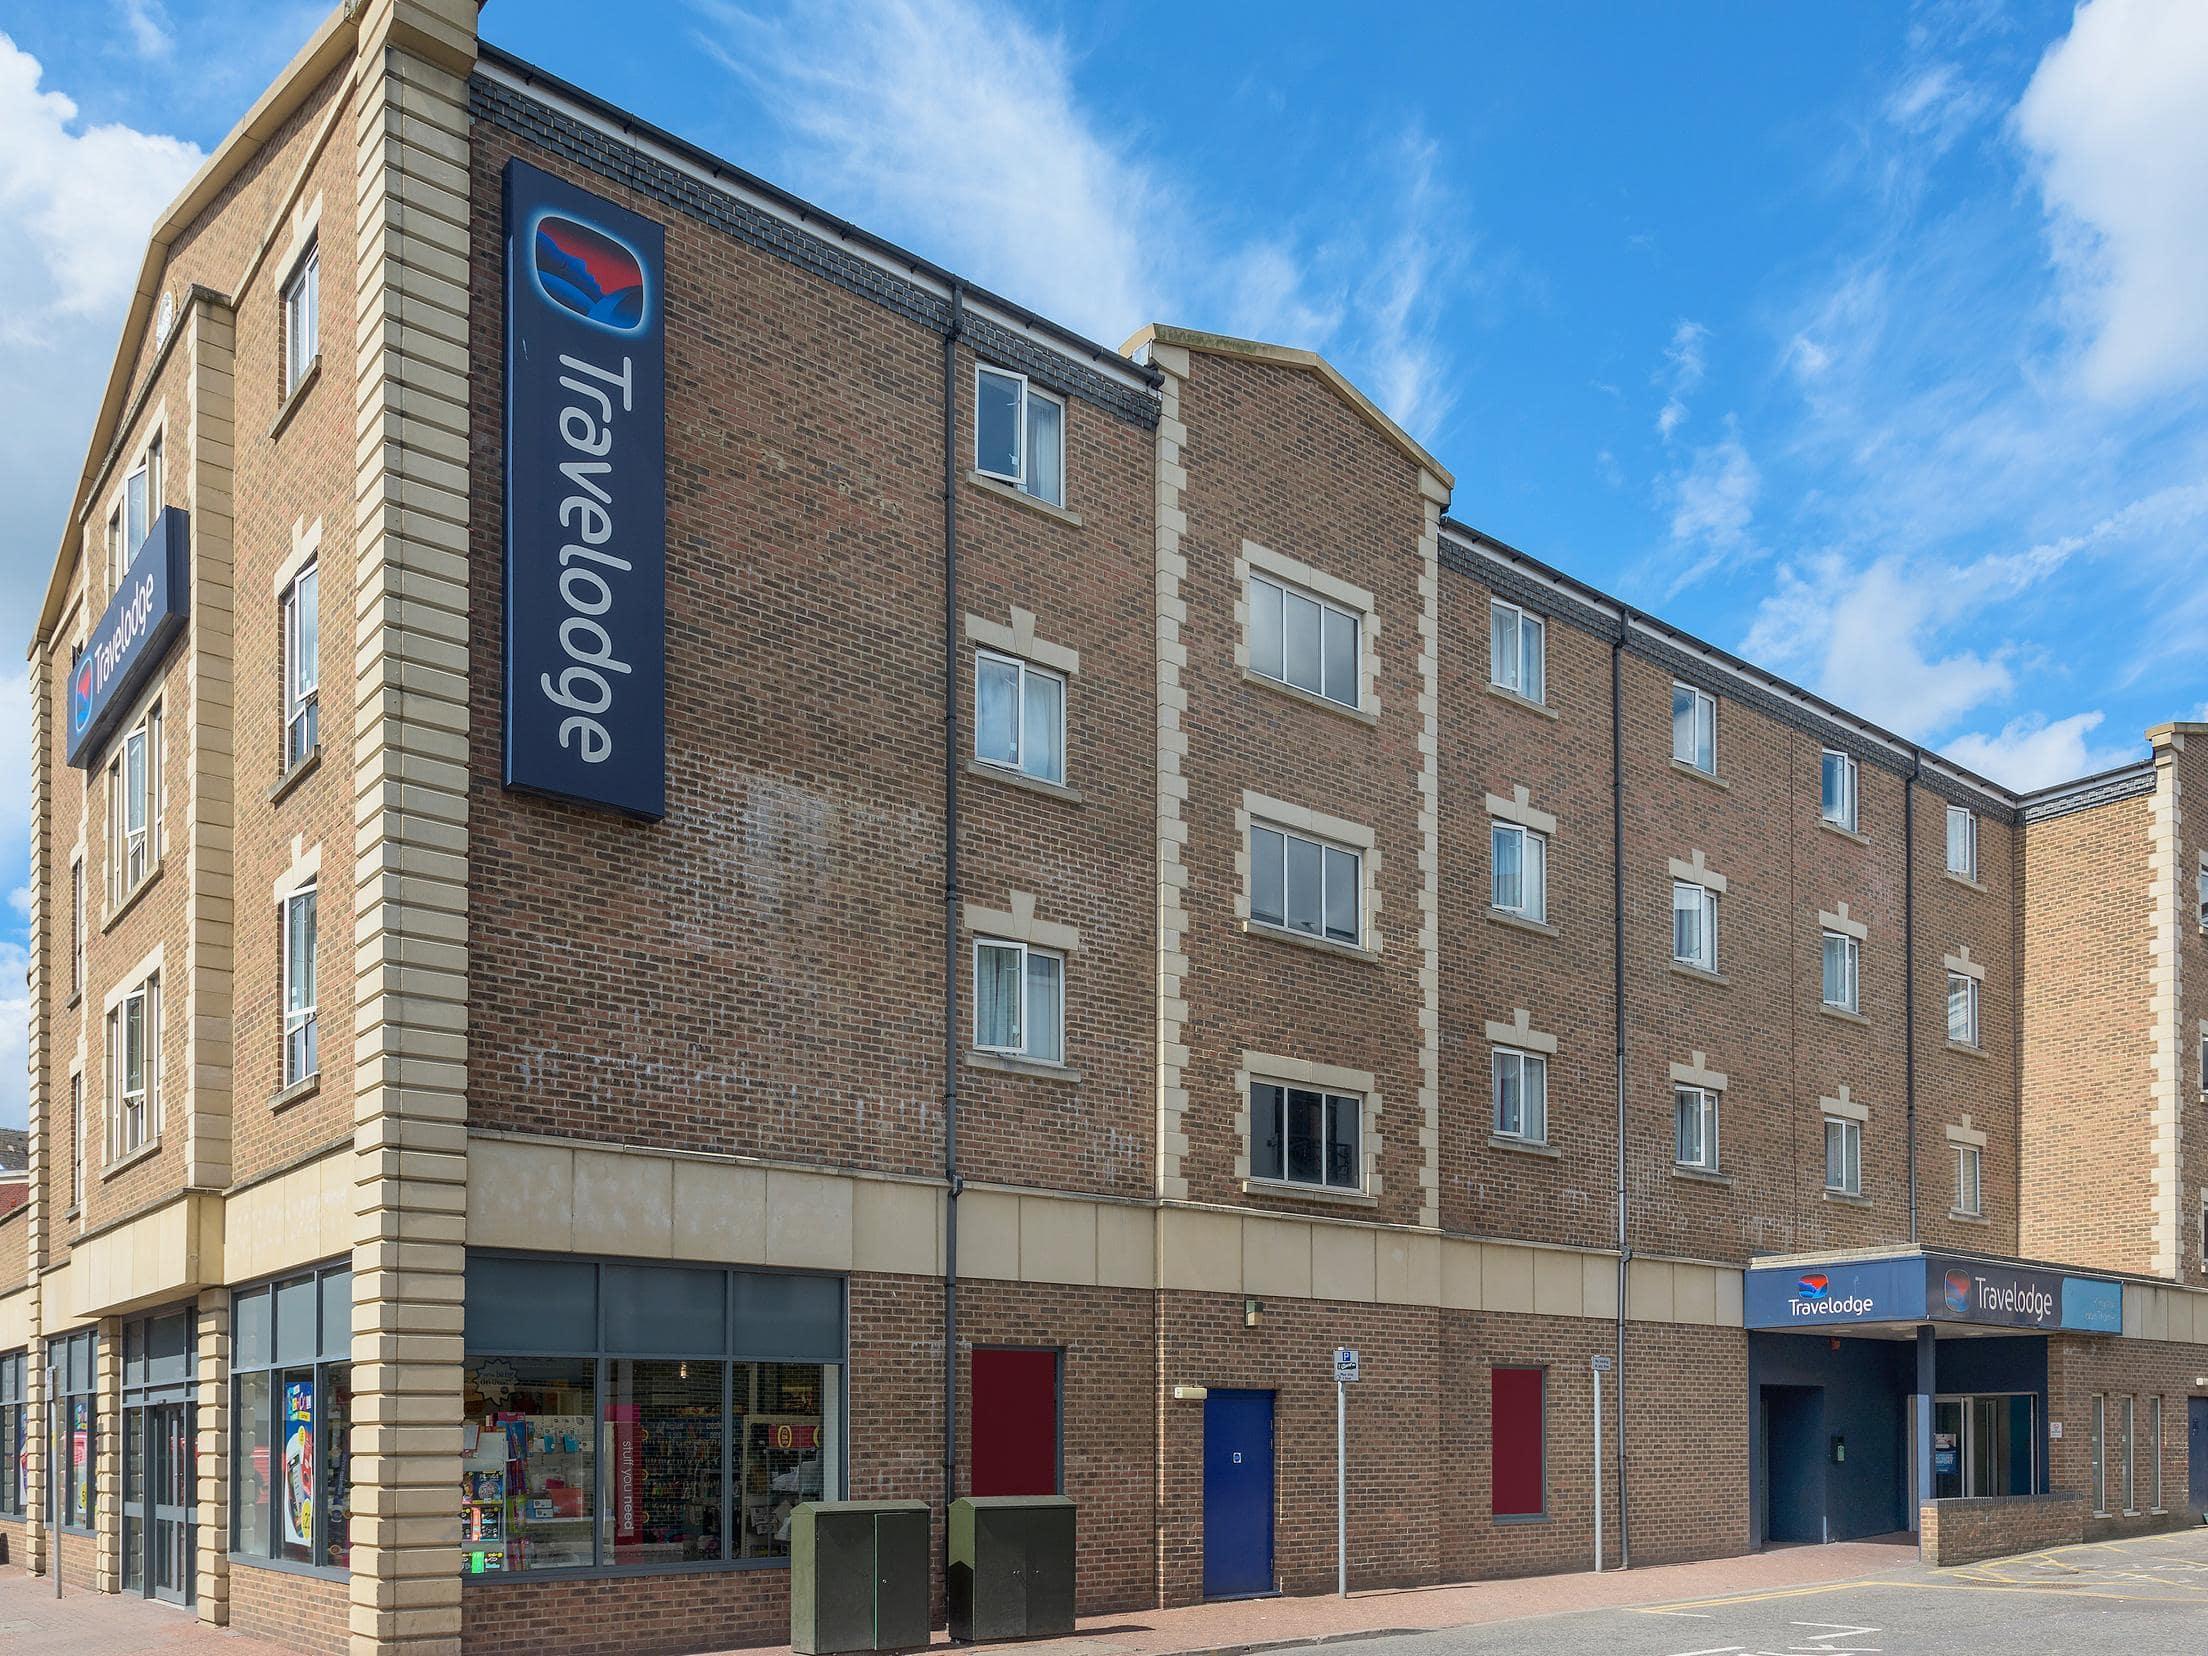 Similar hotels to Travelodge London Balham Hotel